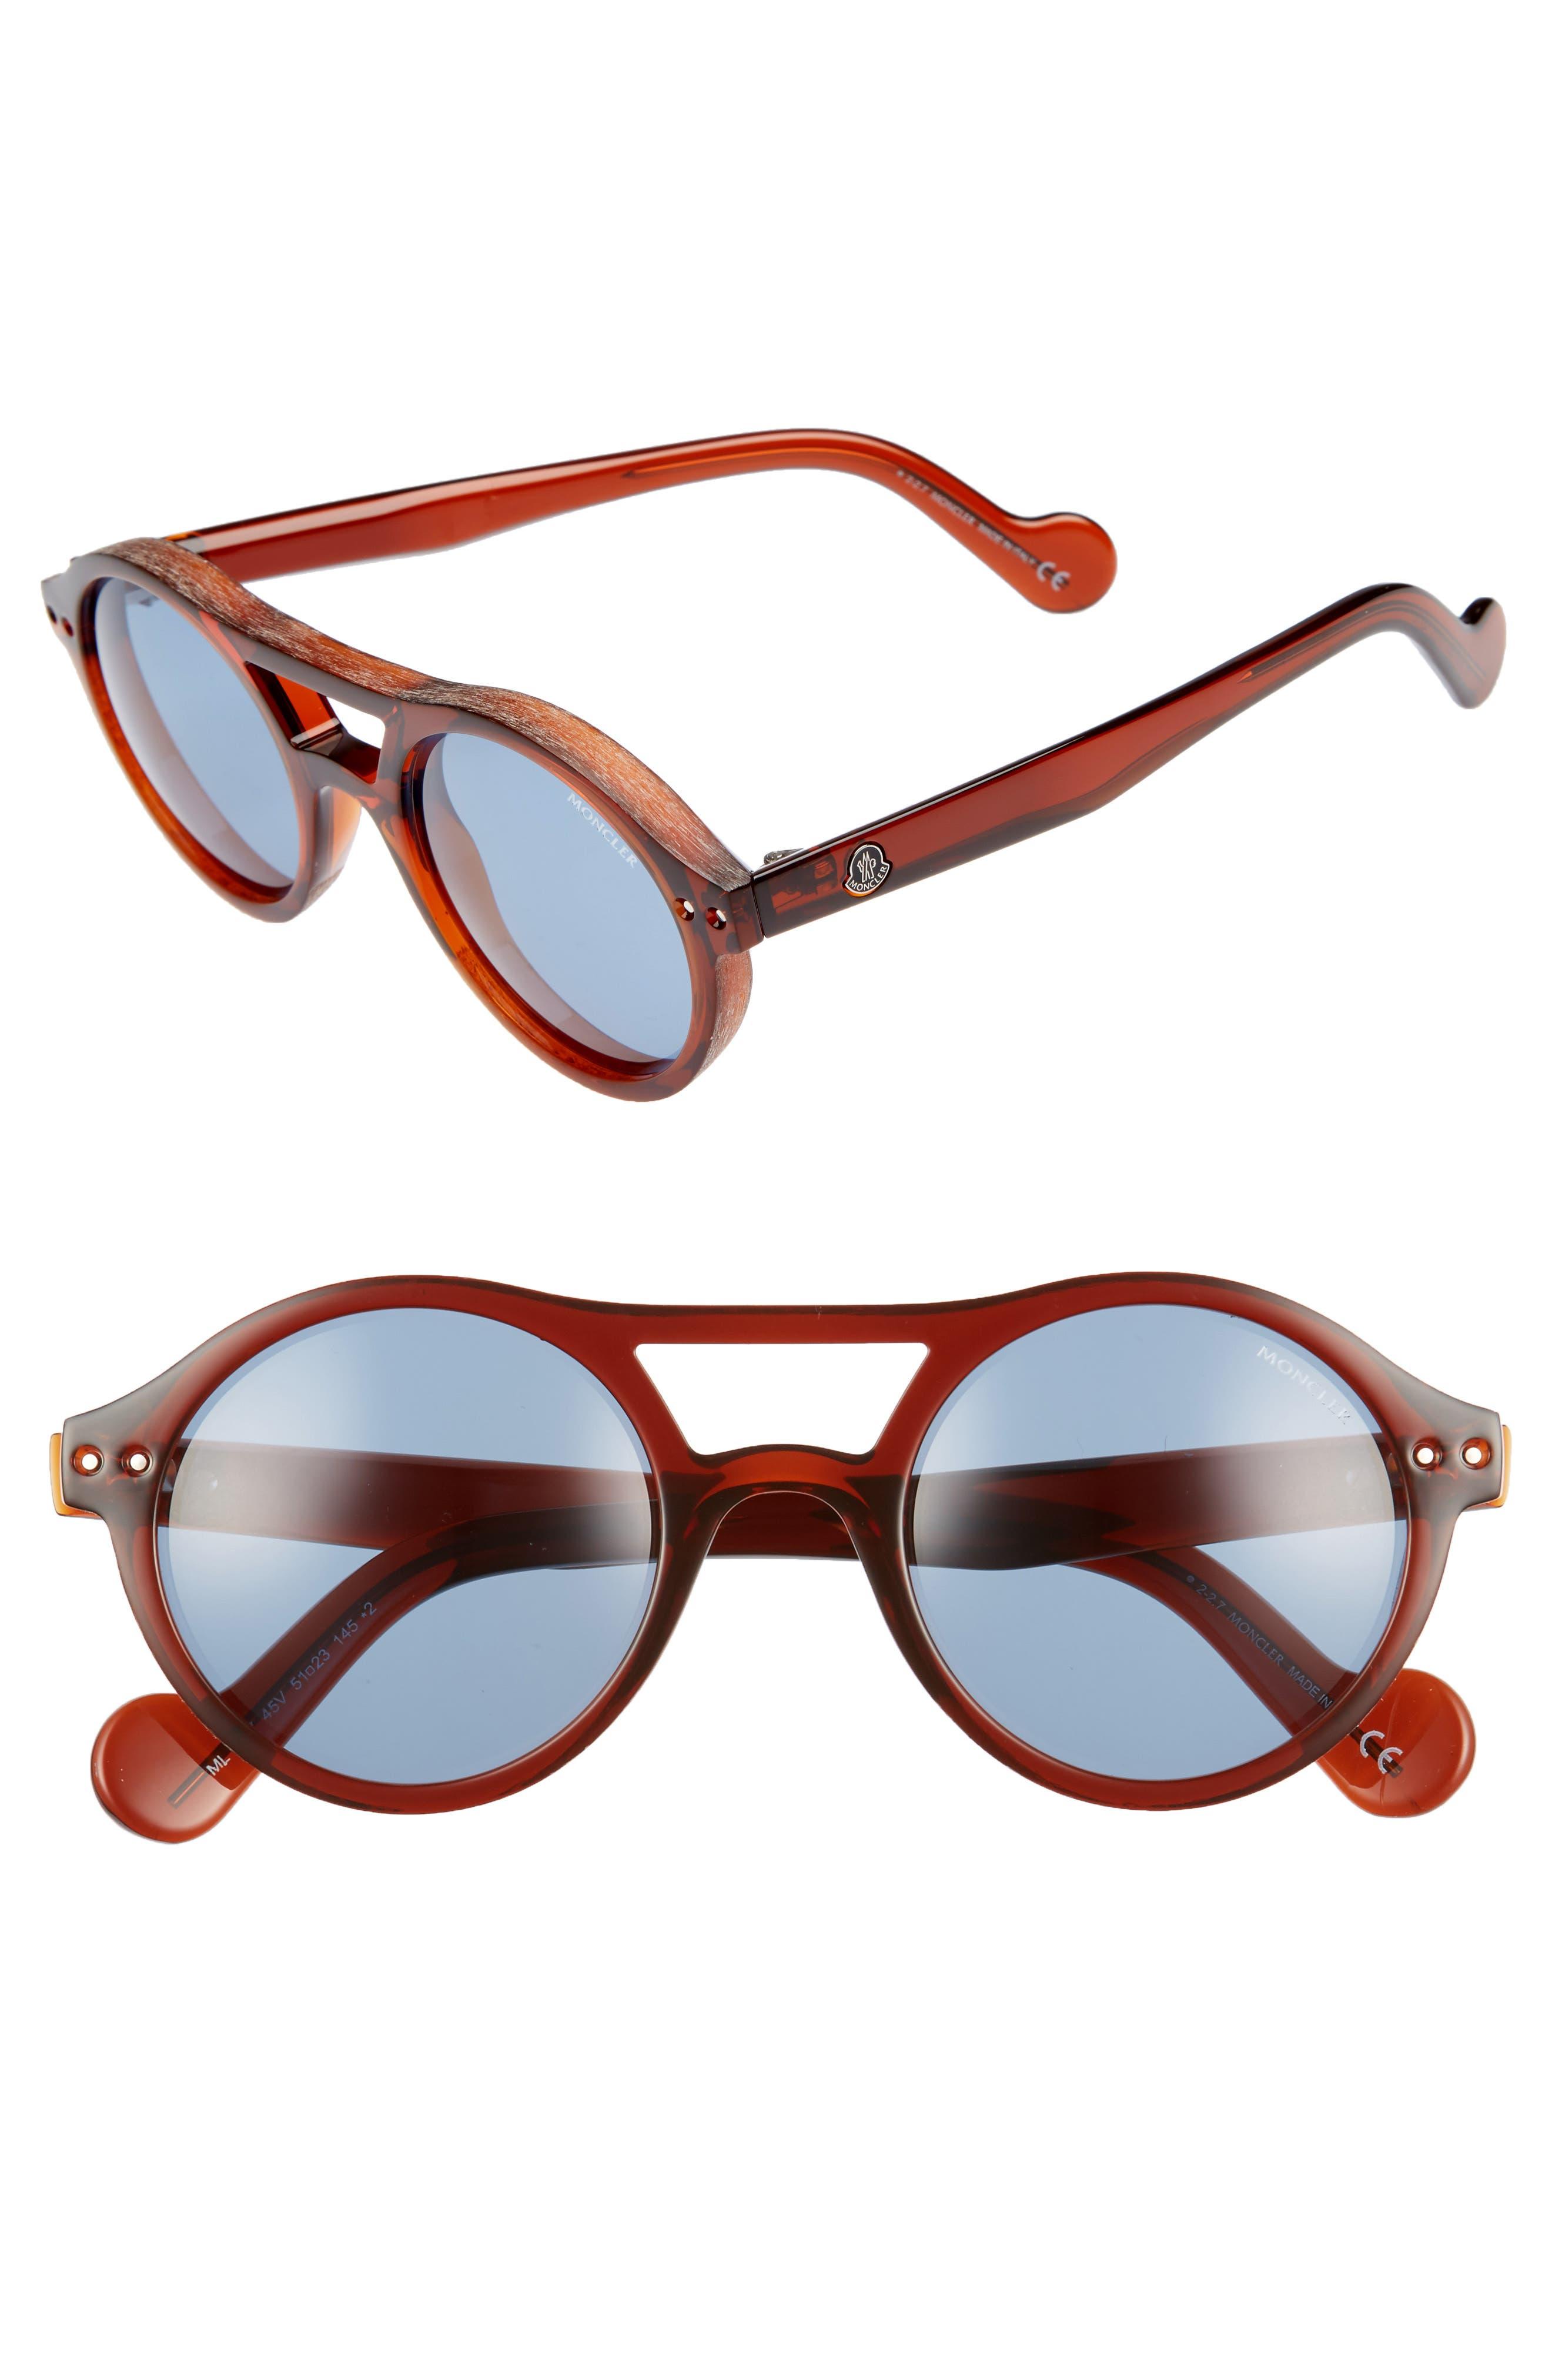 Moncler Moncler Nordstrom Sunglasses For Sunglasses Women qnqpTx5R